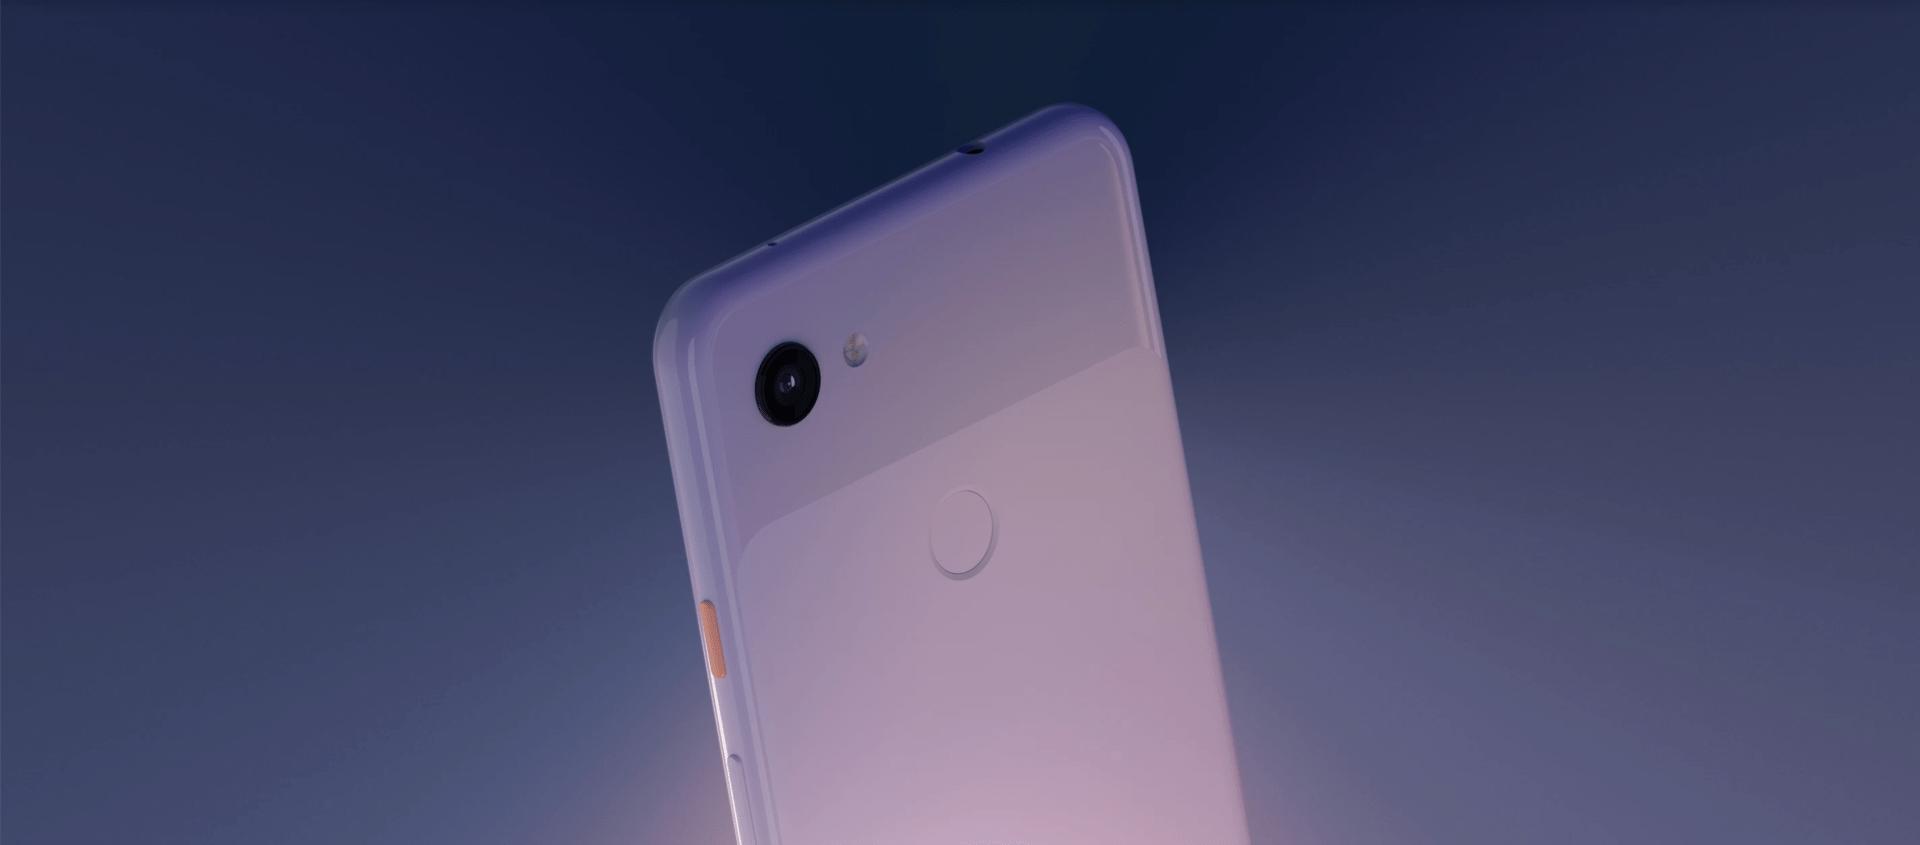 Google Pixel 3a: arriva lo smartphone economico di Google